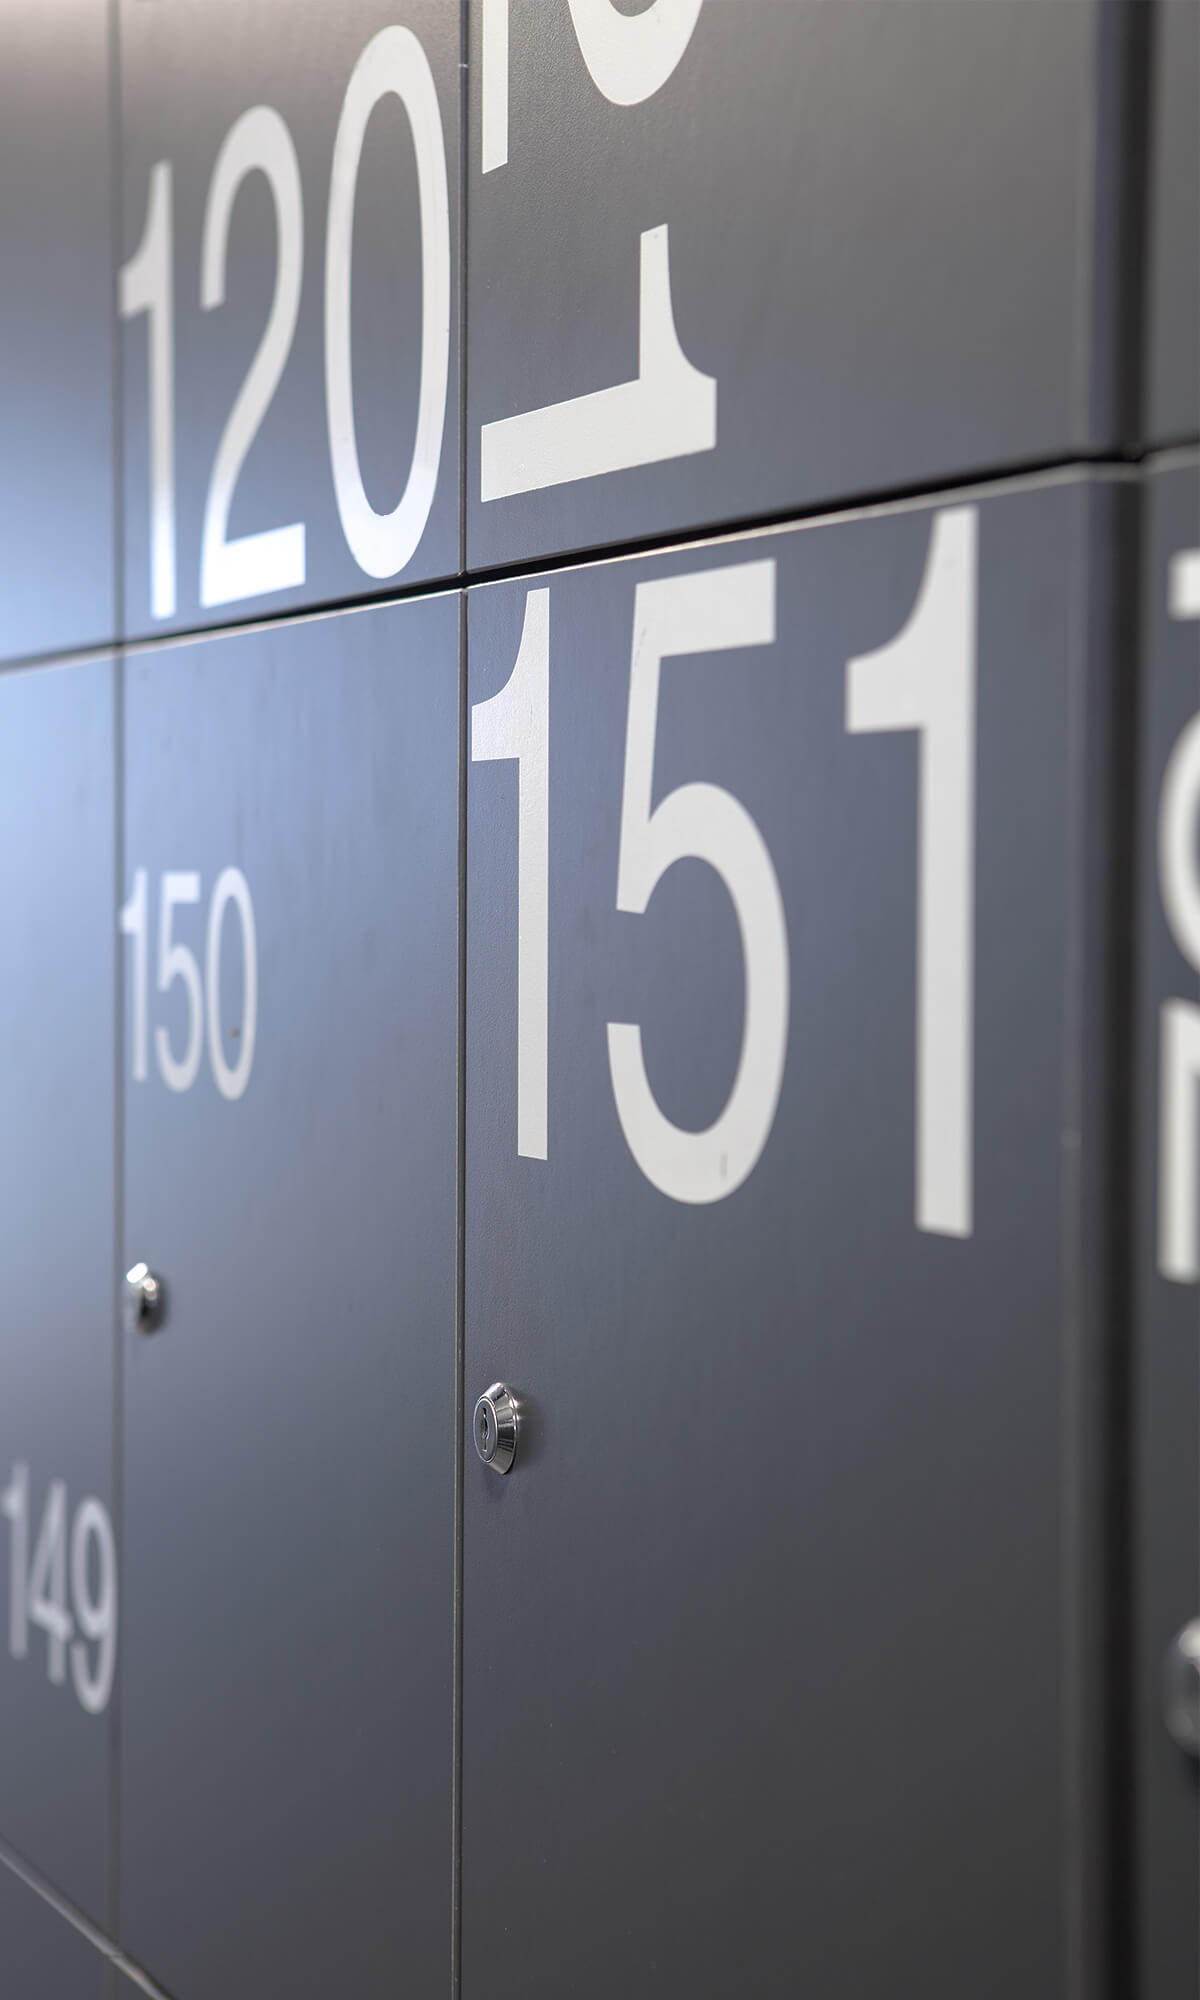 Förvaringsfack combiline möbelfakta screentryck numrering